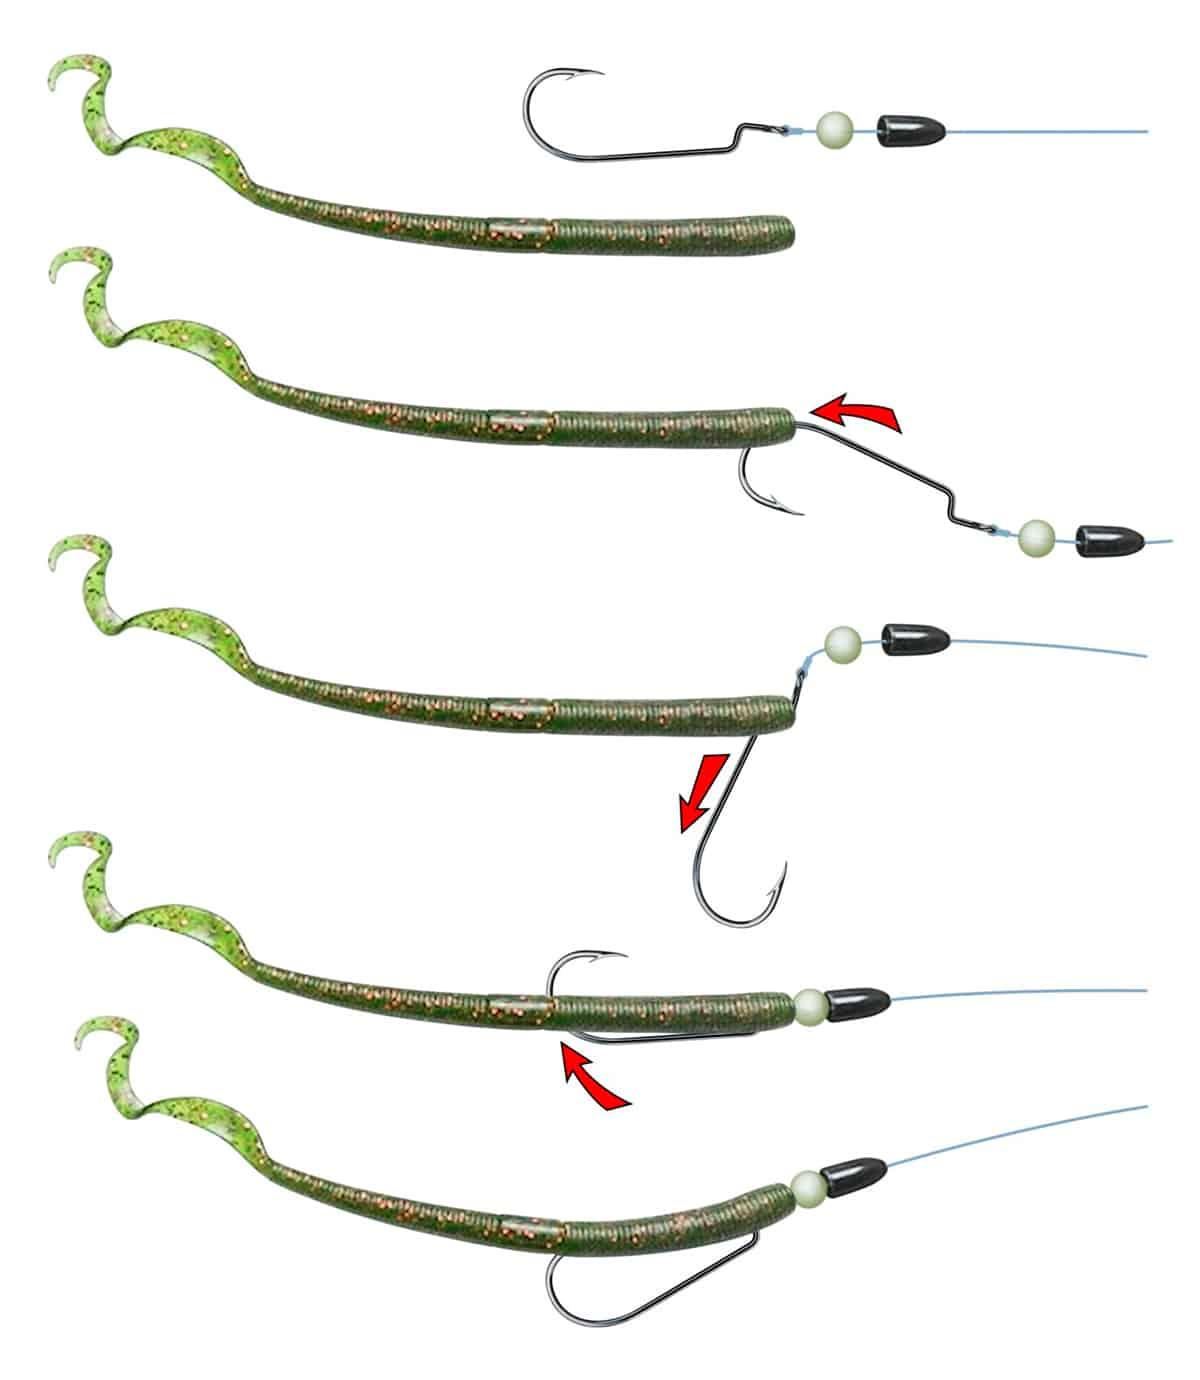 Техасская оснастка для спиннинга: монтаж, изготовление и техника ловли хищной рыбы